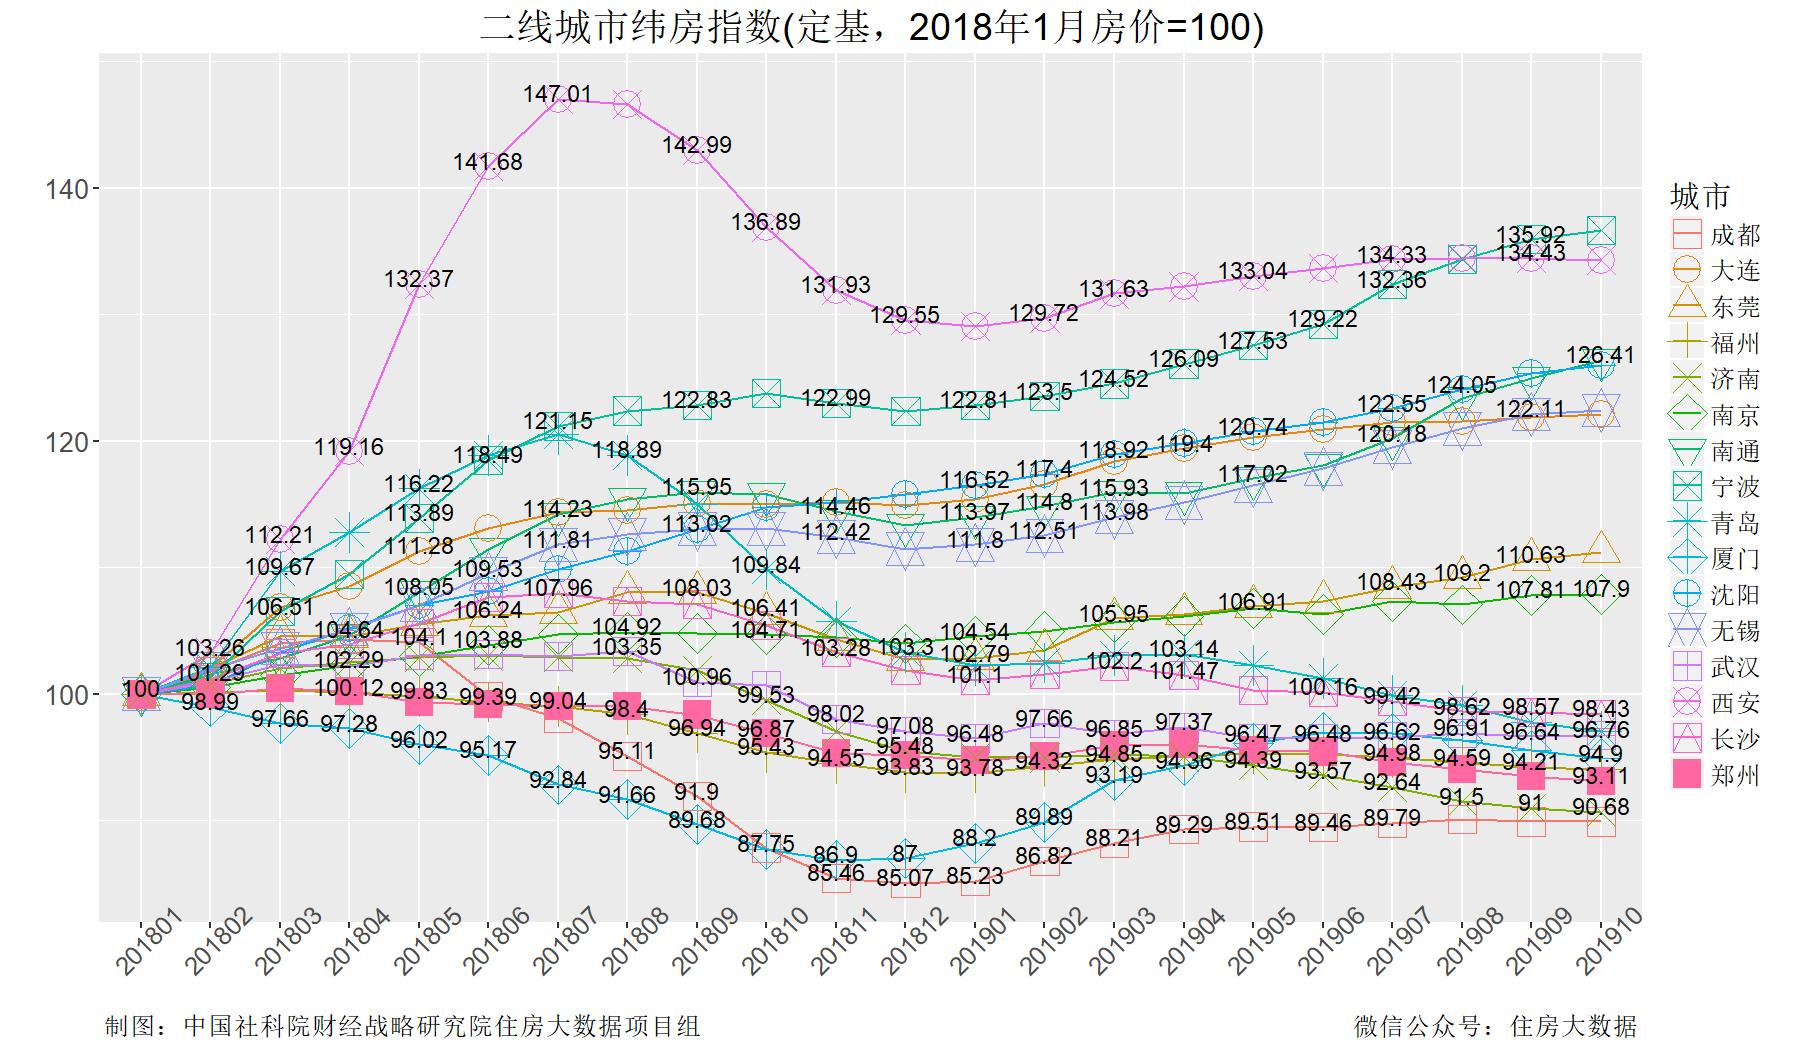 社科院:2019年过半二线城市房价稳中趋涨 部分城市继续下跌-中国网地产